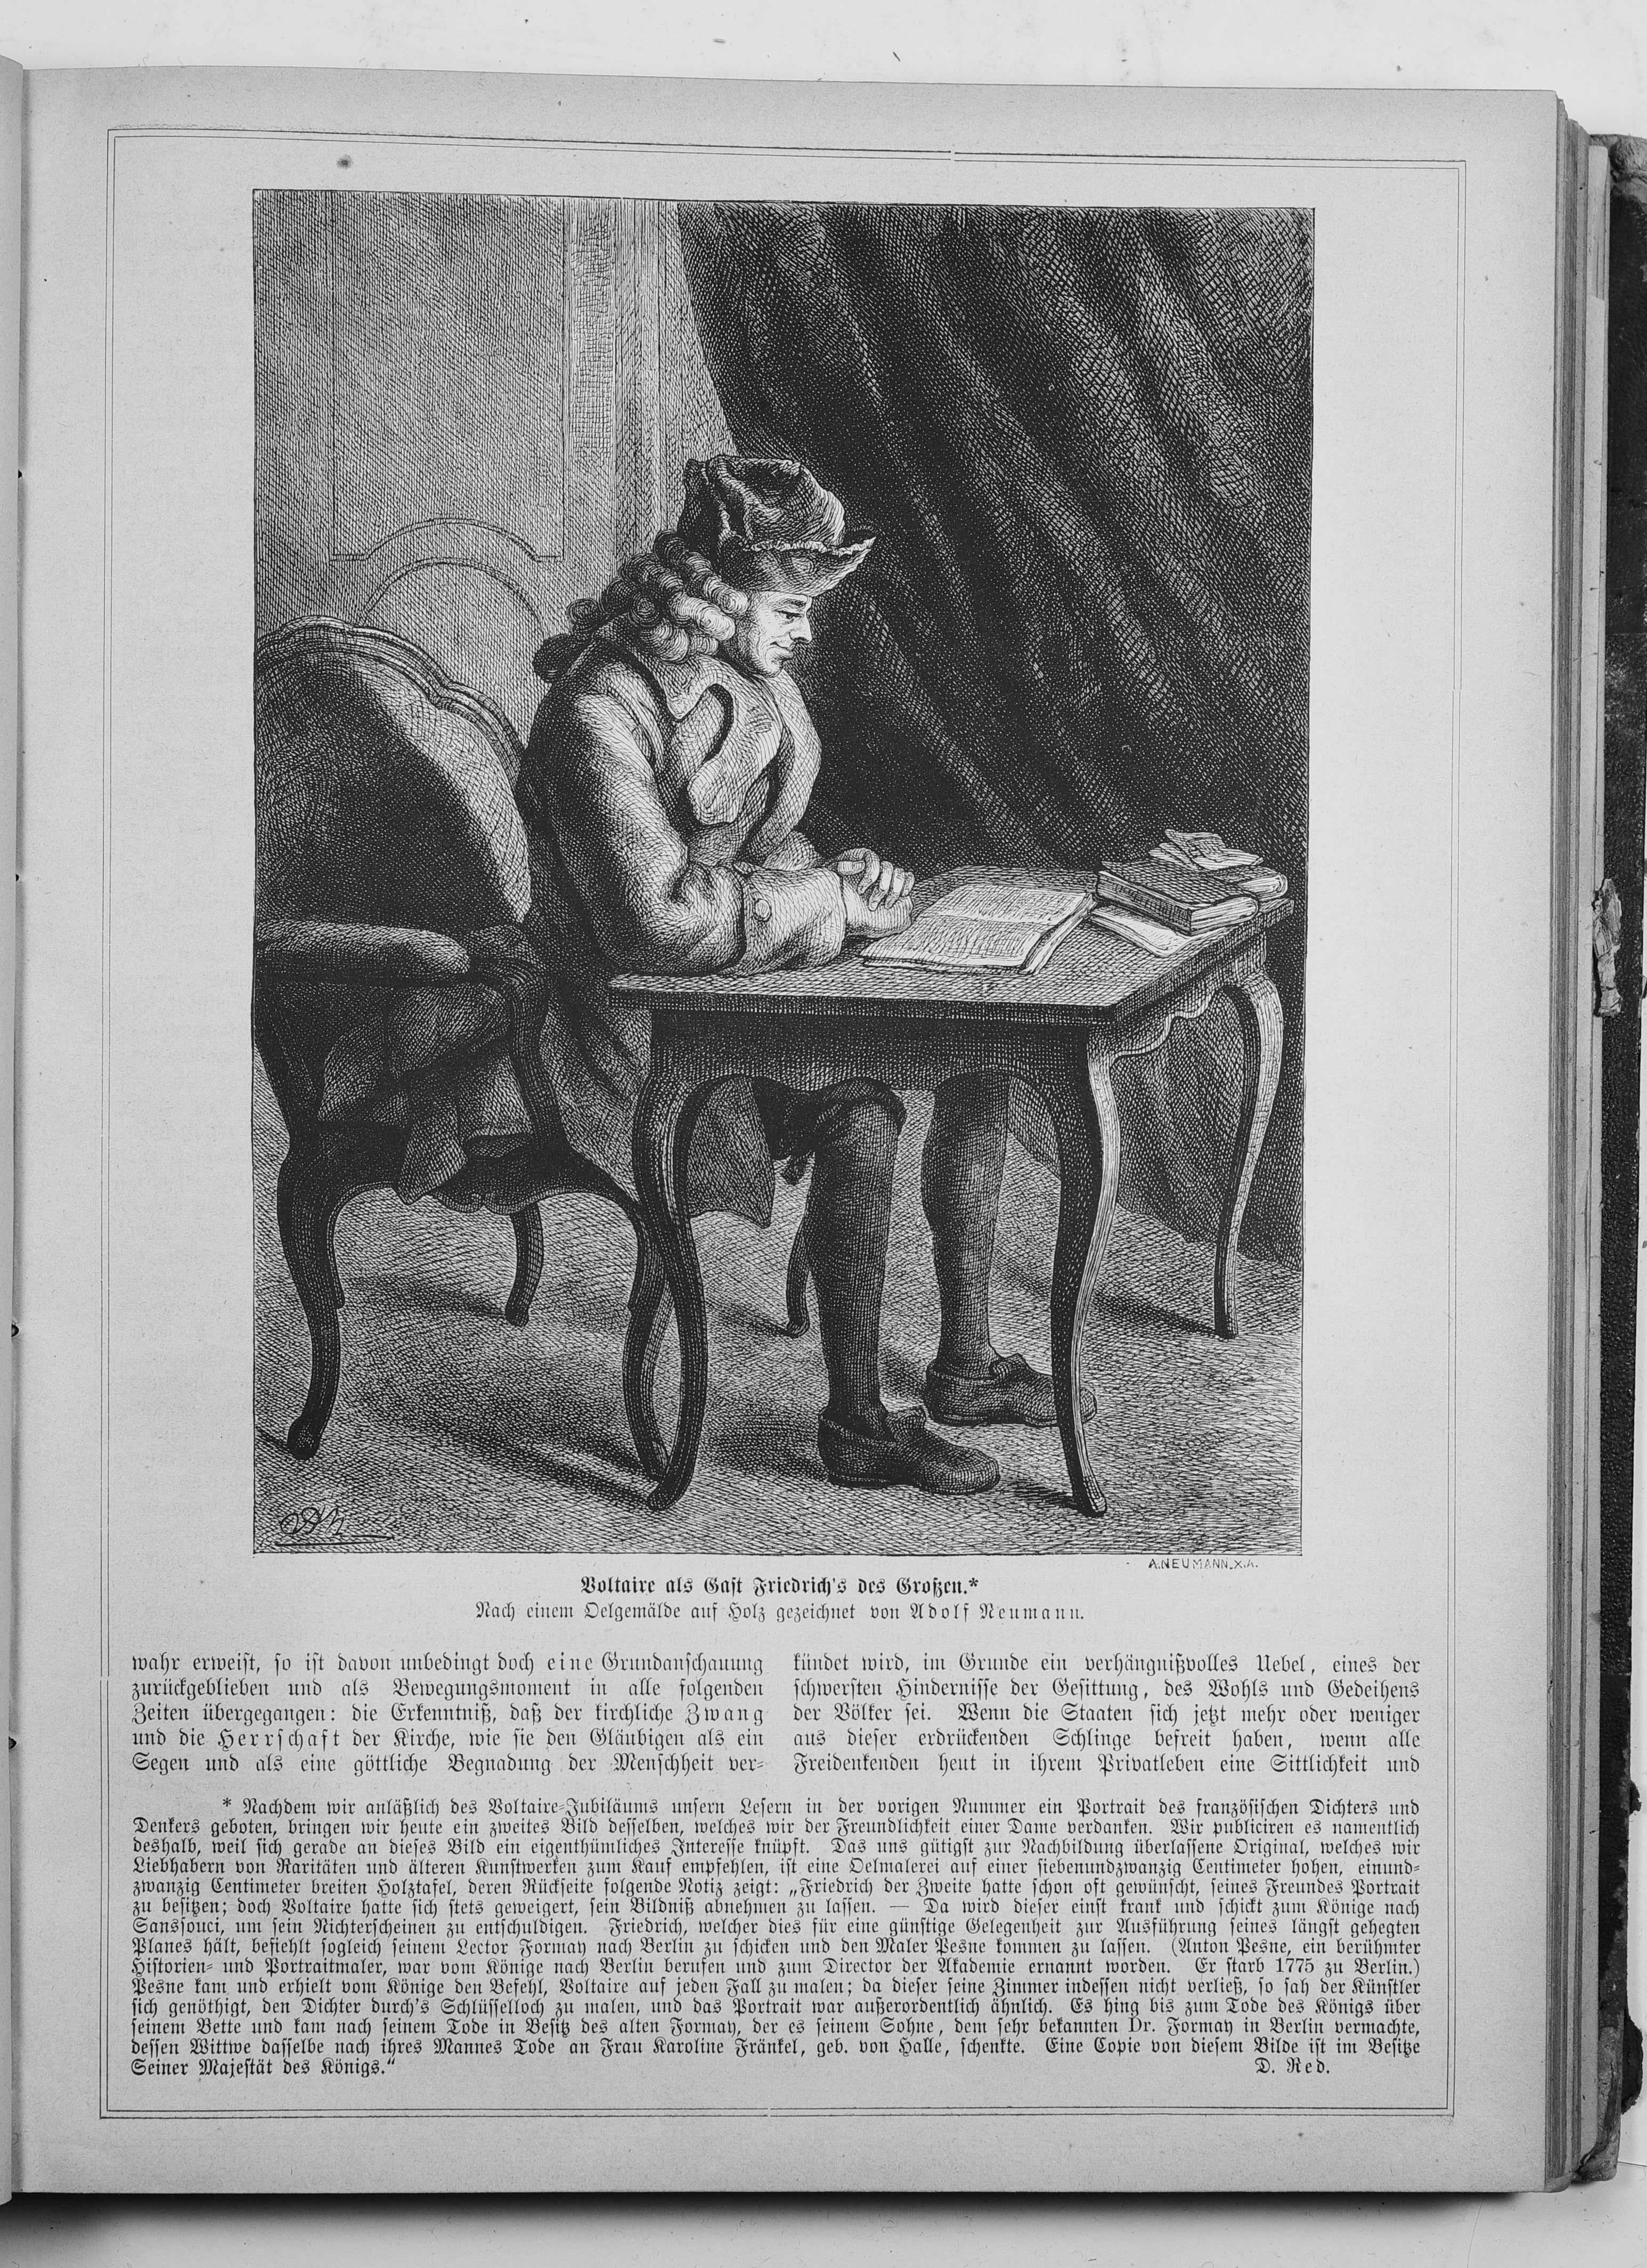 Candide/enlightenment essays